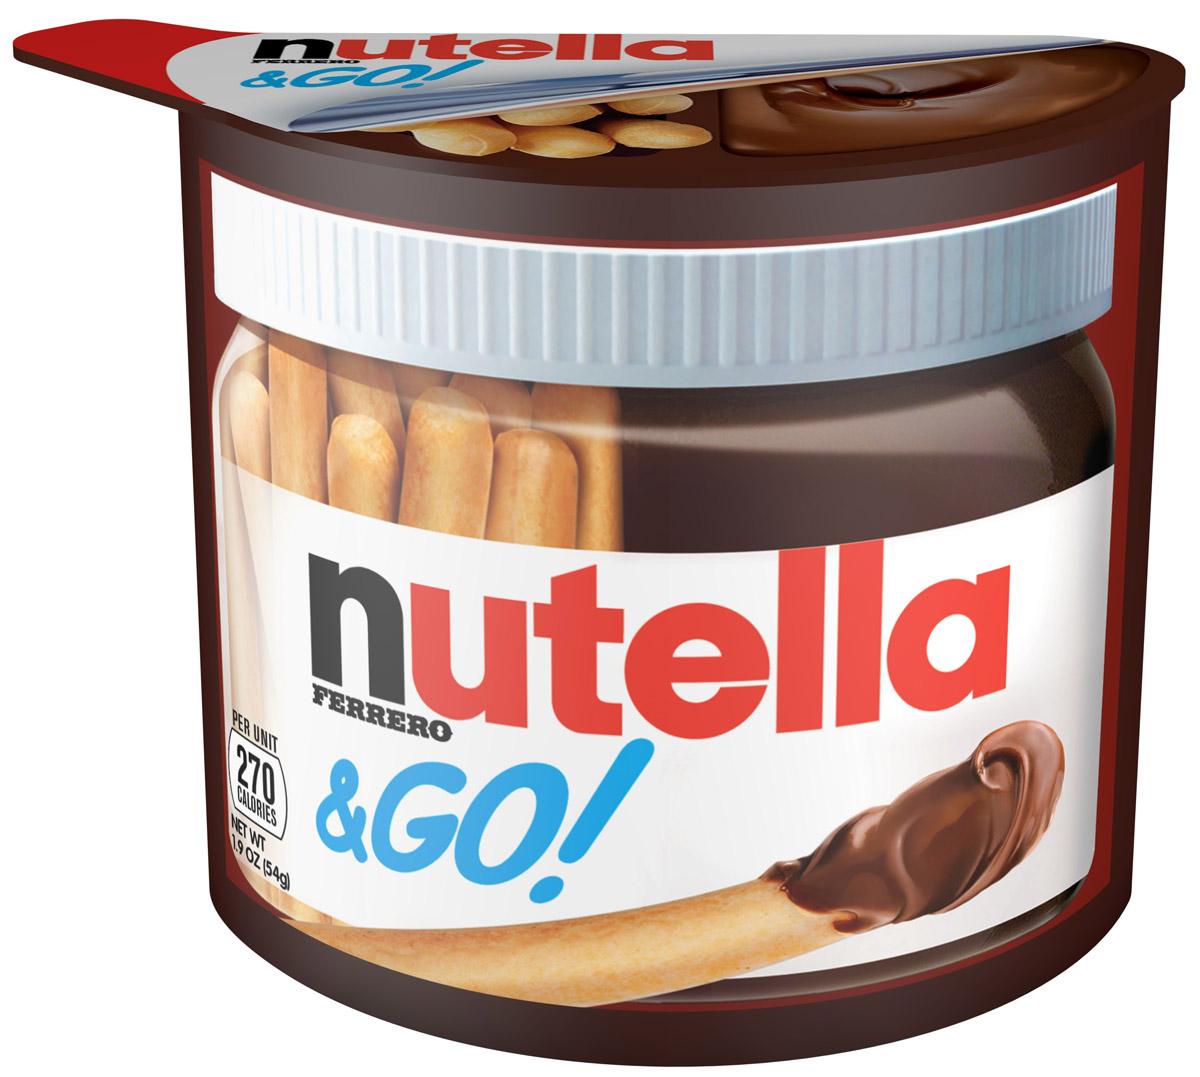 Nutella&Go: набор из хлебных палочек и пасты ореховой Nutella с добавлением какао, 52 г80050100Nutella обладает неповторимым вкусом лесных орехов и какао, а ее нежная кремовая текстура делает вкус еще интенсивнее. Секрет уникального вкуса в особенном рецепте, отборных ингредиентах и тщательном приготовлении. При производстве Nutella не используются консерванты и красители. Сегодня Nutella является одной из самых узнаваемых и любимых марок в мире, продуктом, продажи которого составляют треть годового оборота компании «Ferrero». Хороший день начинается с Nutella!